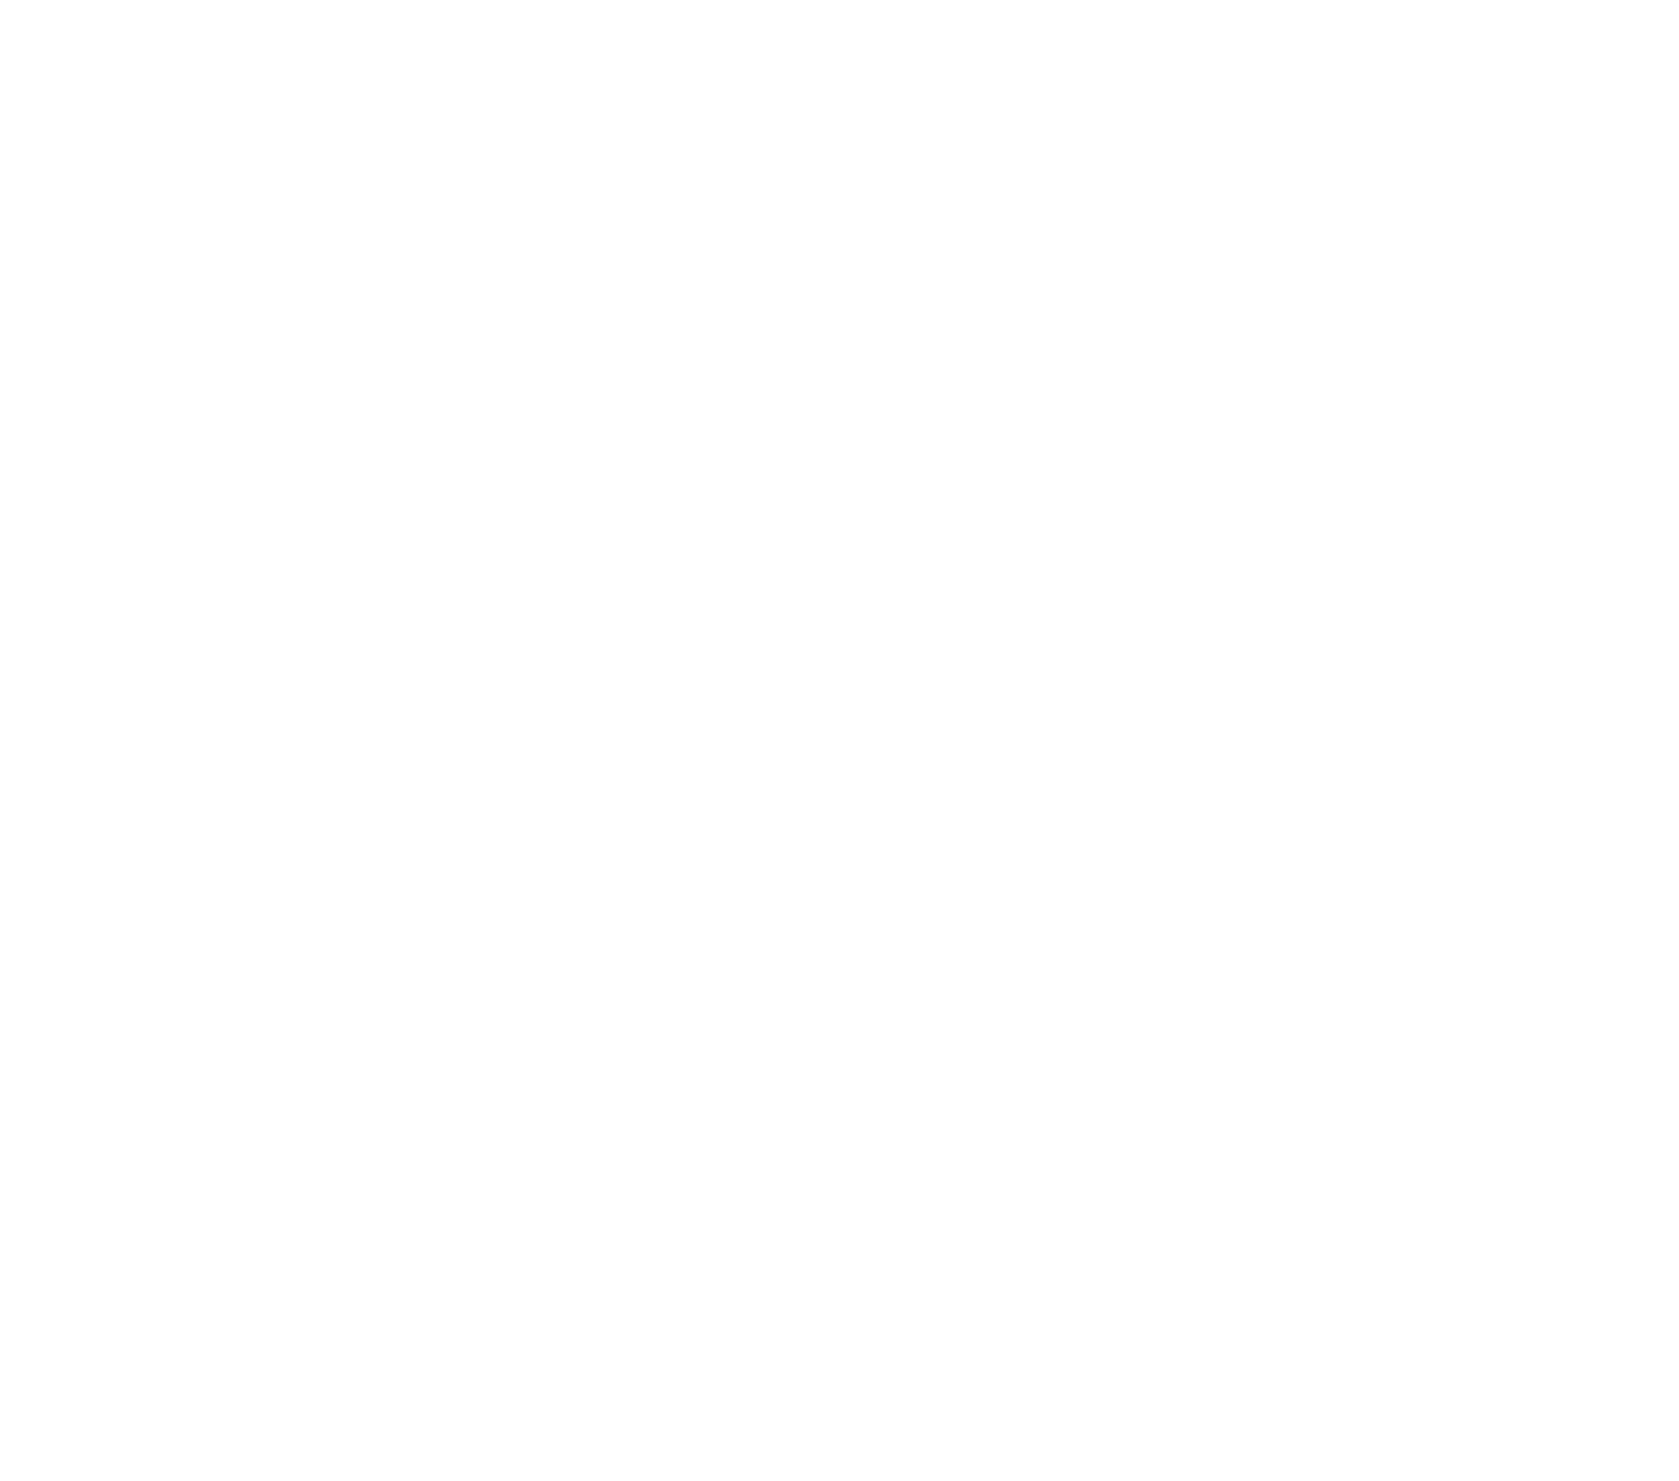 LevelUpBasket